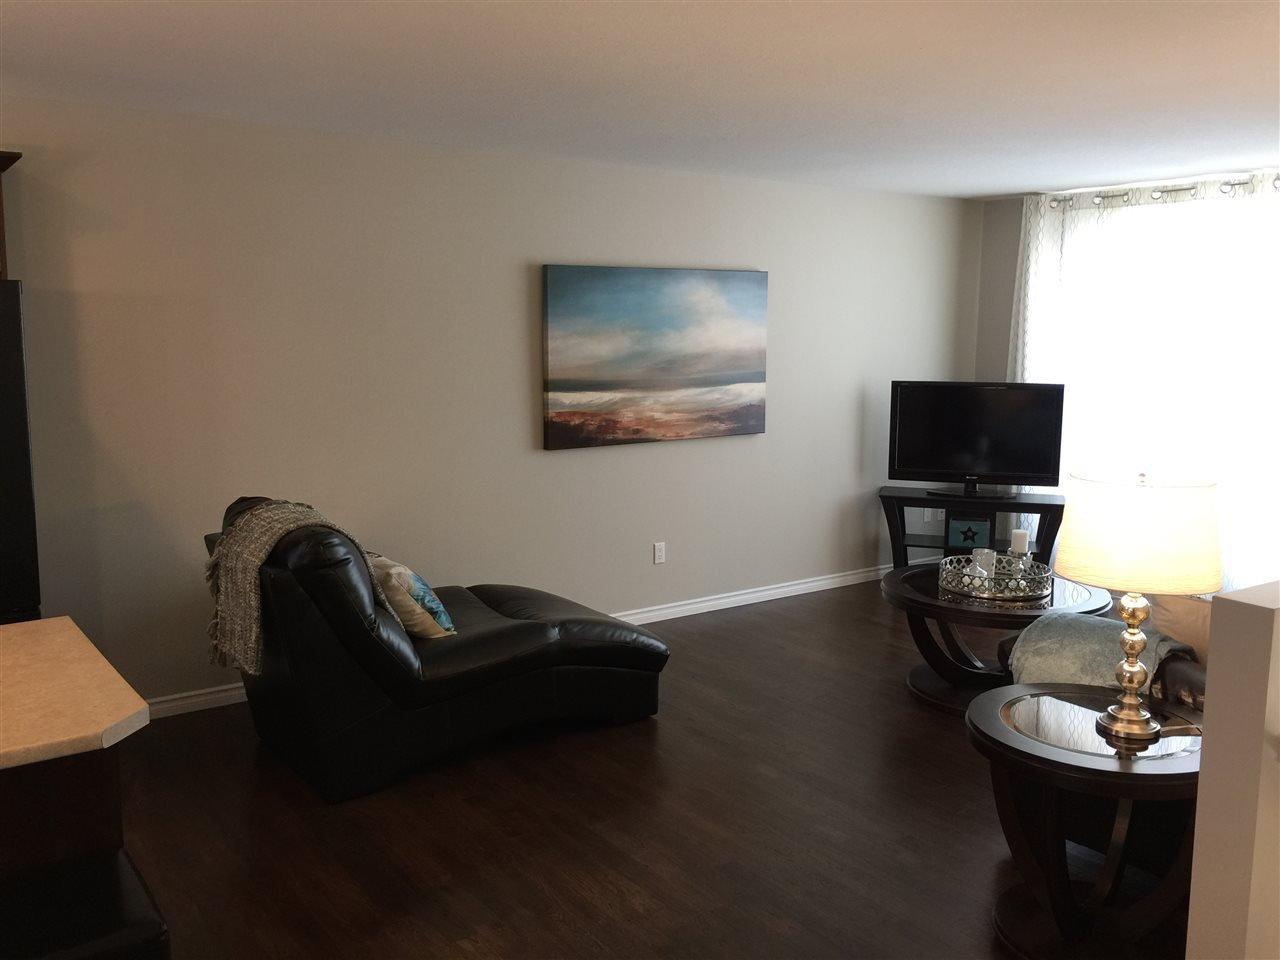 Photo 12: Photos: 11351 86A Street in Fort St. John: Fort St. John - City NE House for sale (Fort St. John (Zone 60))  : MLS®# R2147006